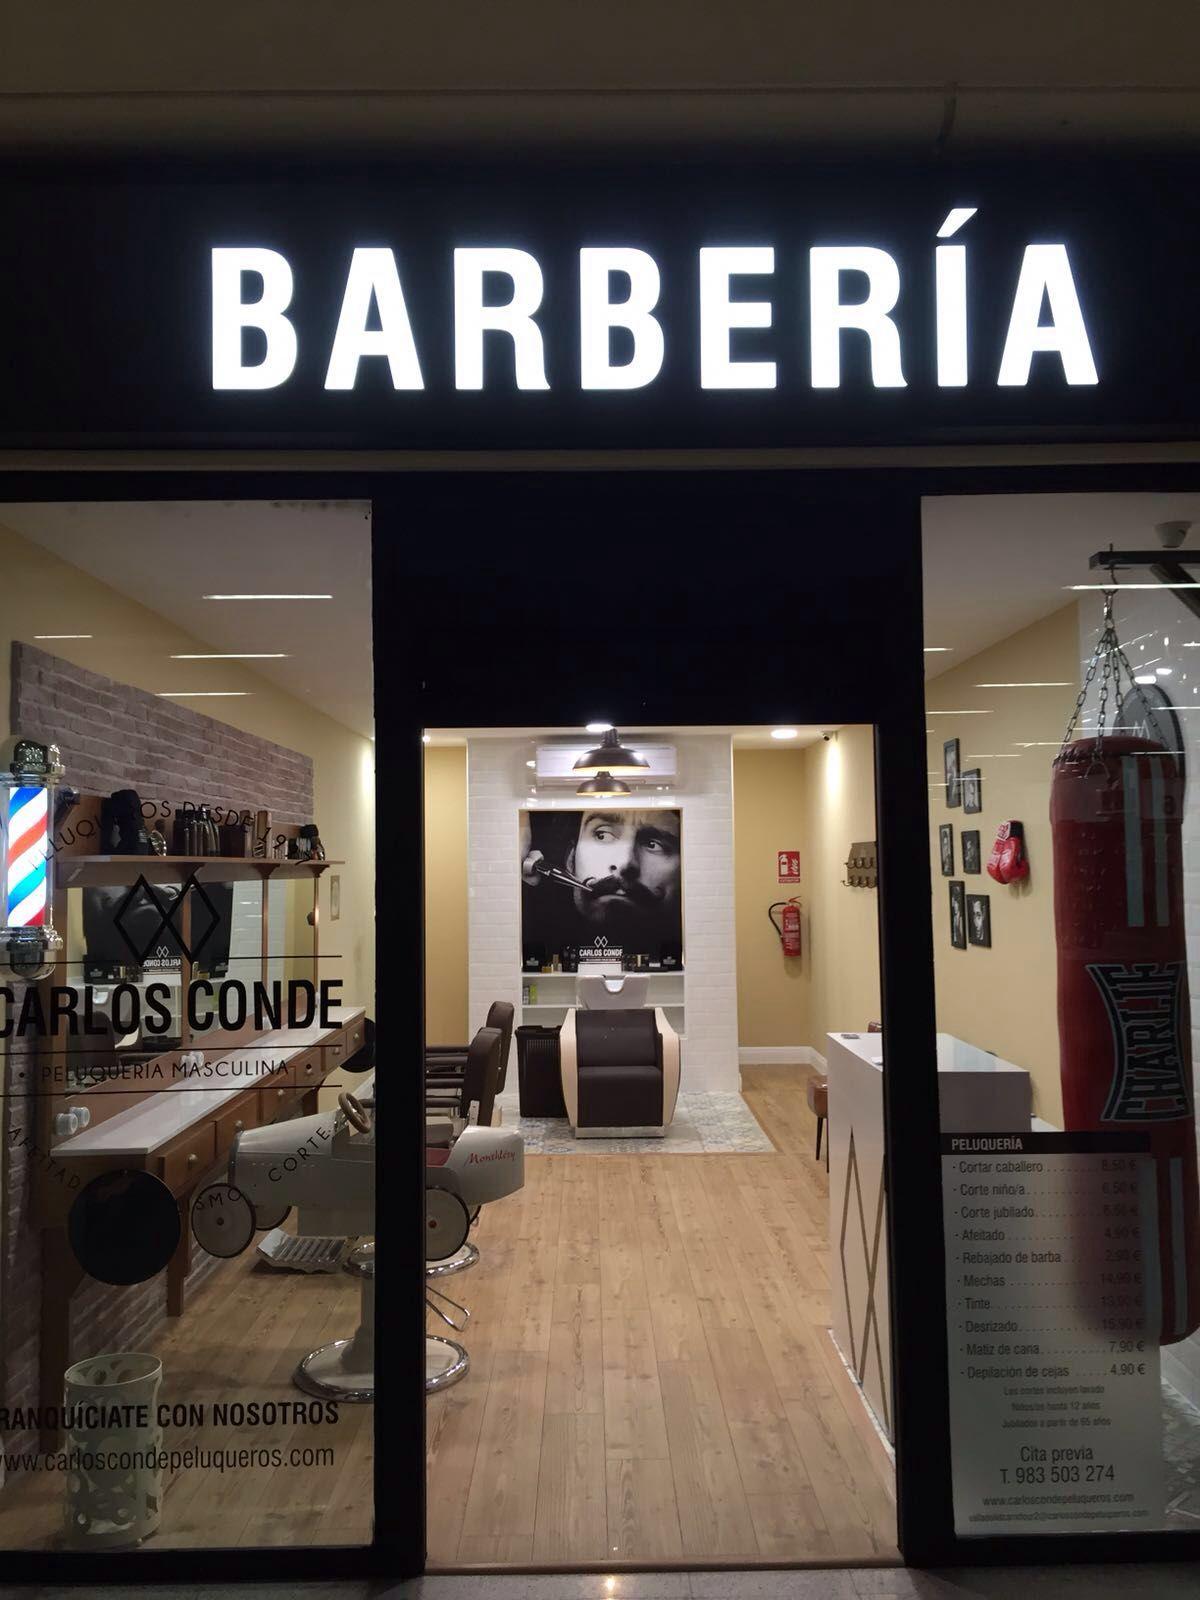 Barber a carlos conde valladolid costa brava 2 - Fachadas de peluquerias ...